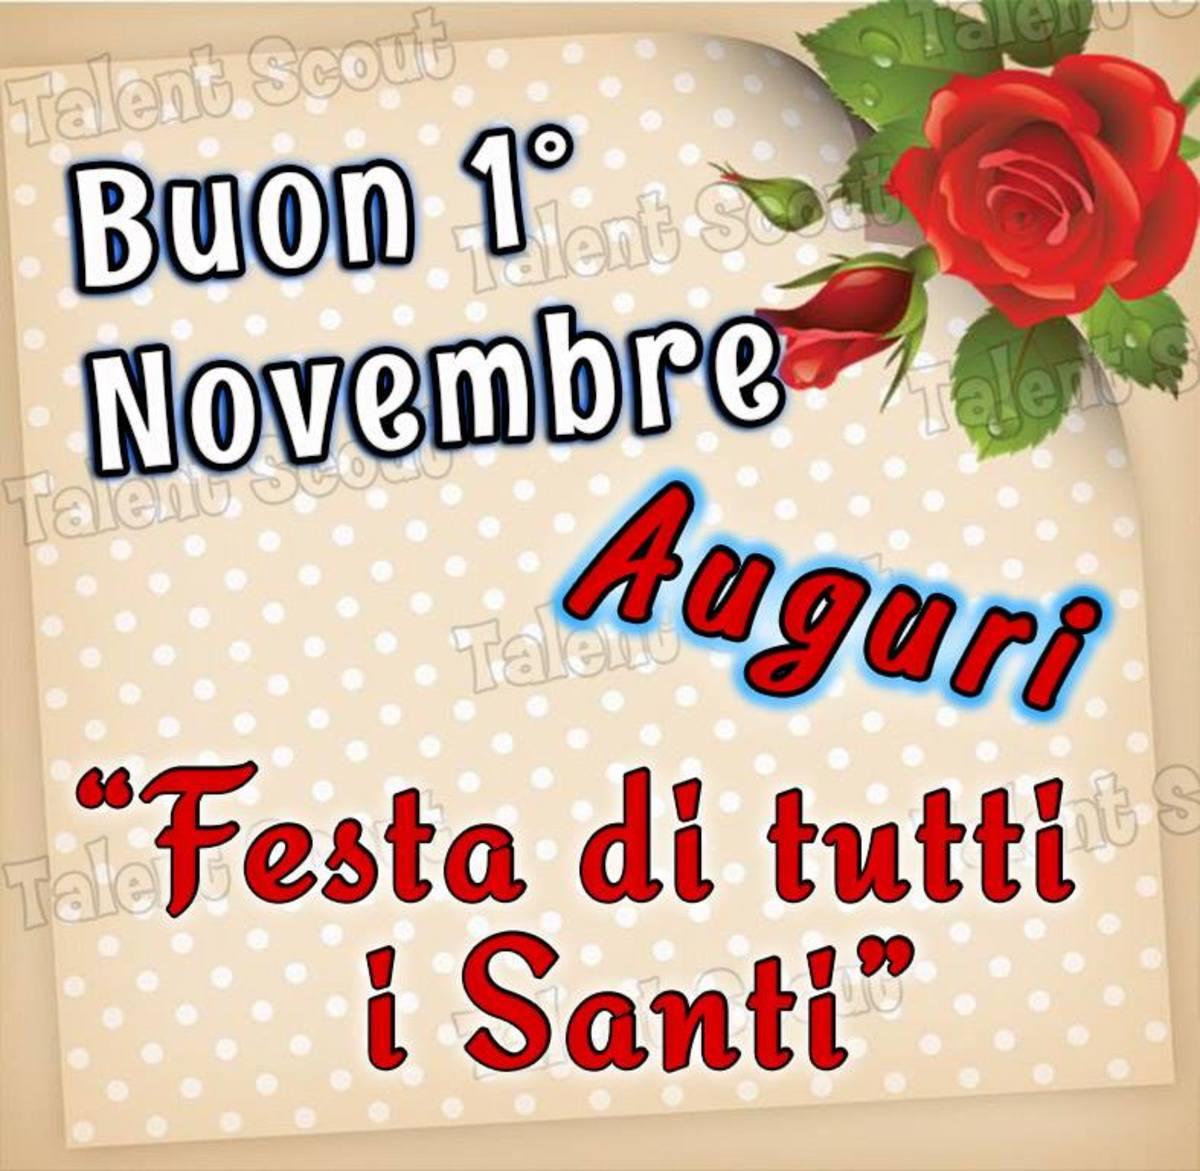 Buon 1 Novembre auguri